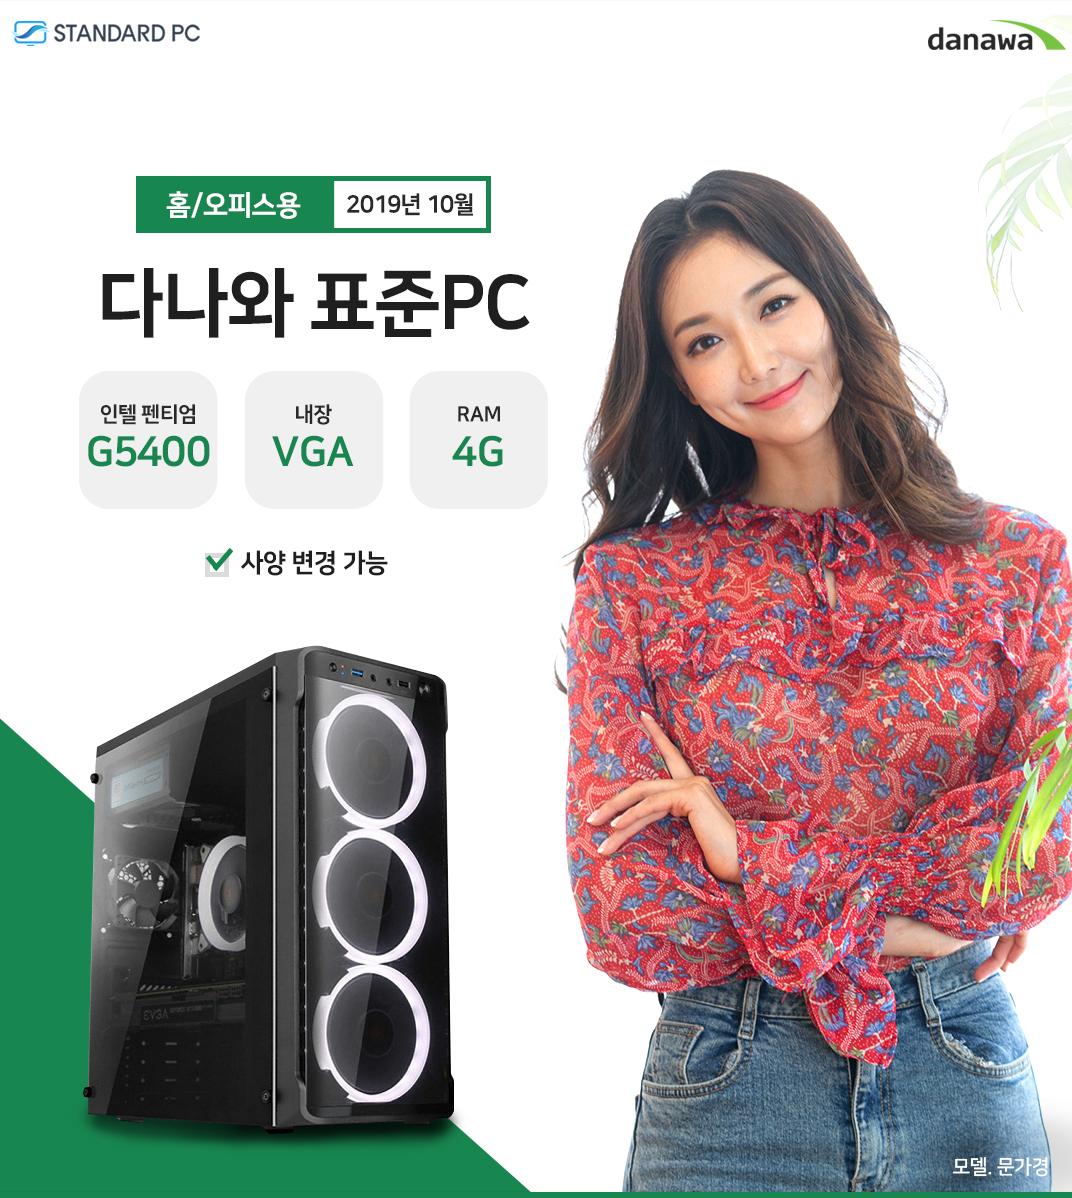 2019년 10월 다나와 표준PC 홈/오피스용 인텔 펜티엄 골드 G5400 내장 VGA RAM 4G 모델 문가경